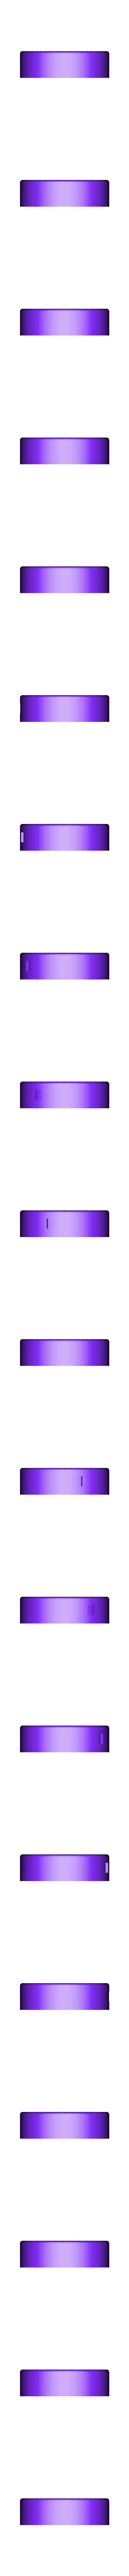 base.stl Télécharger fichier STL gratuit Lampe de bureau Cactus v2 • Design à imprimer en 3D, BREMMALAN